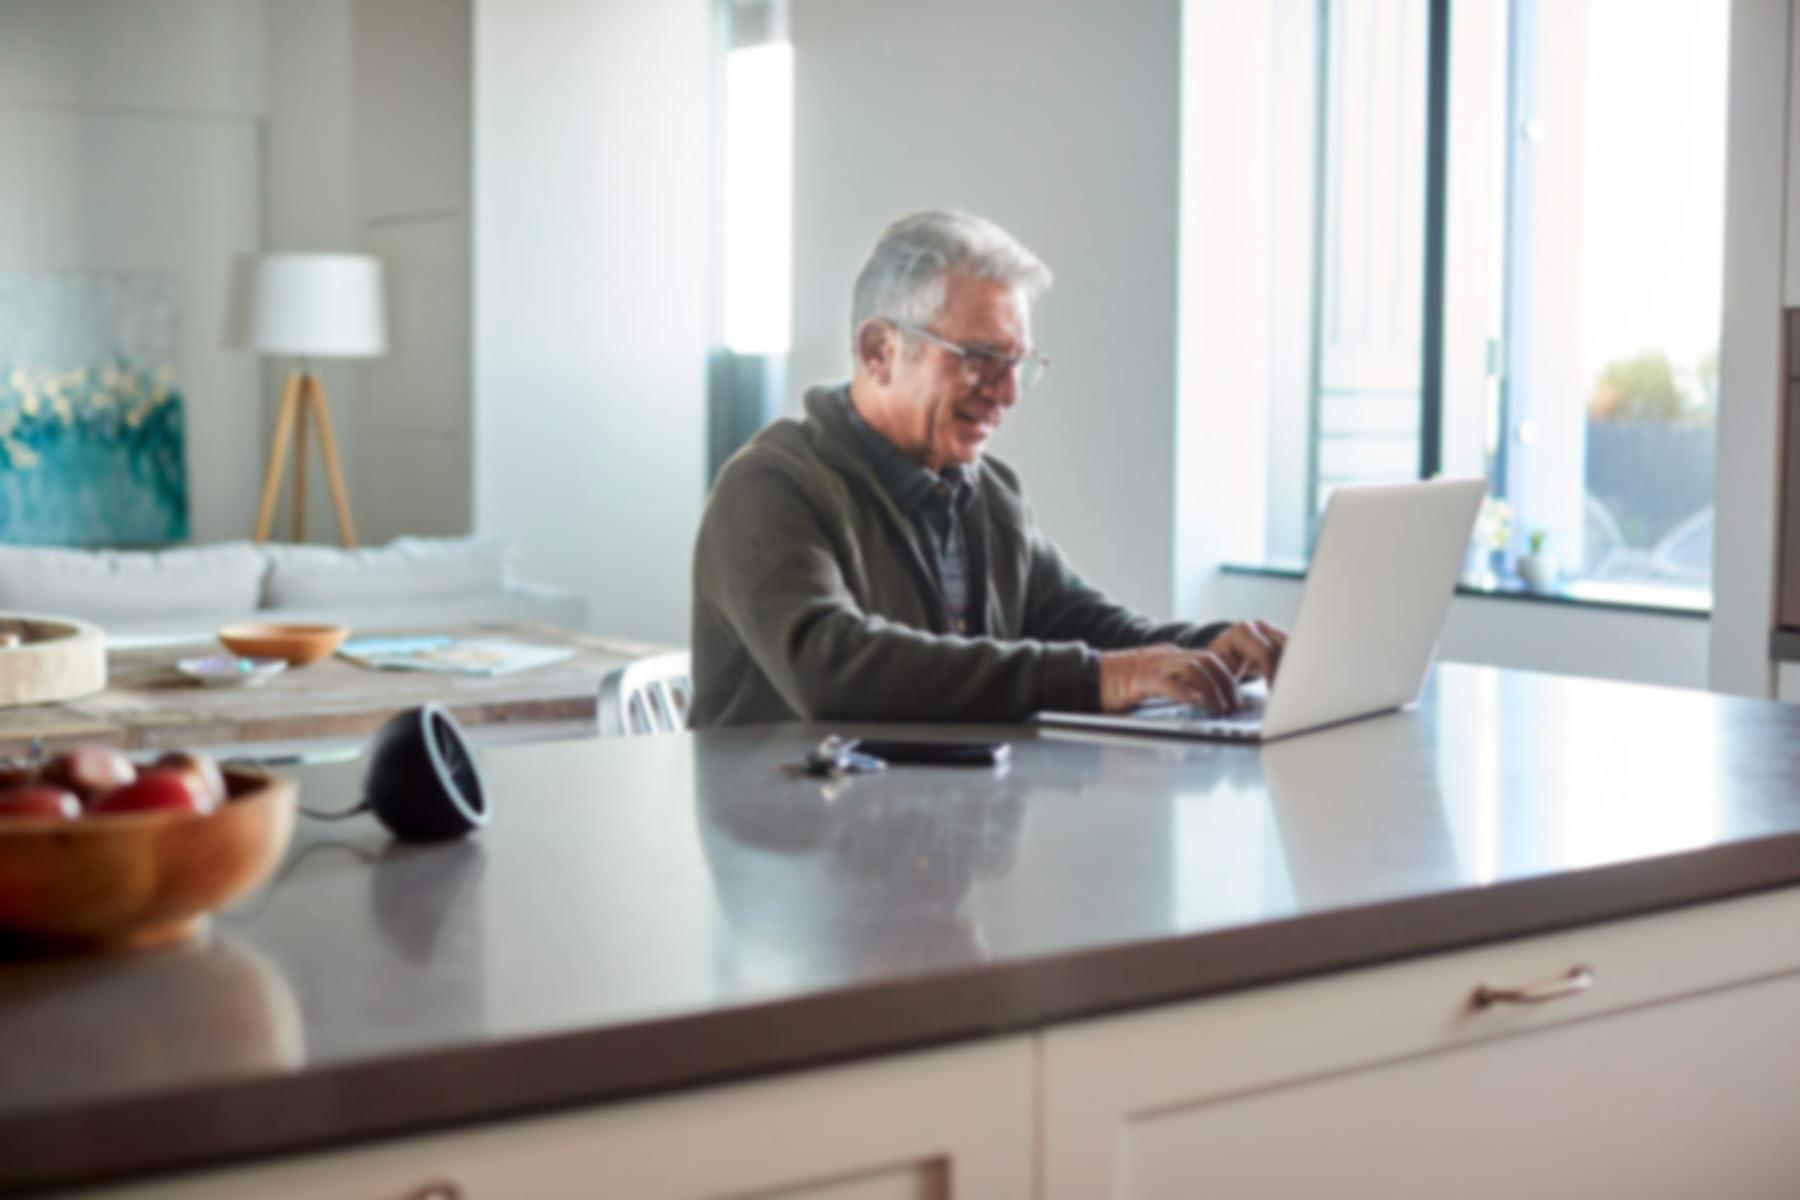 Un hombre mayor está sentado en el mostrador de la cocina mientras escribe en una computadora portátil.